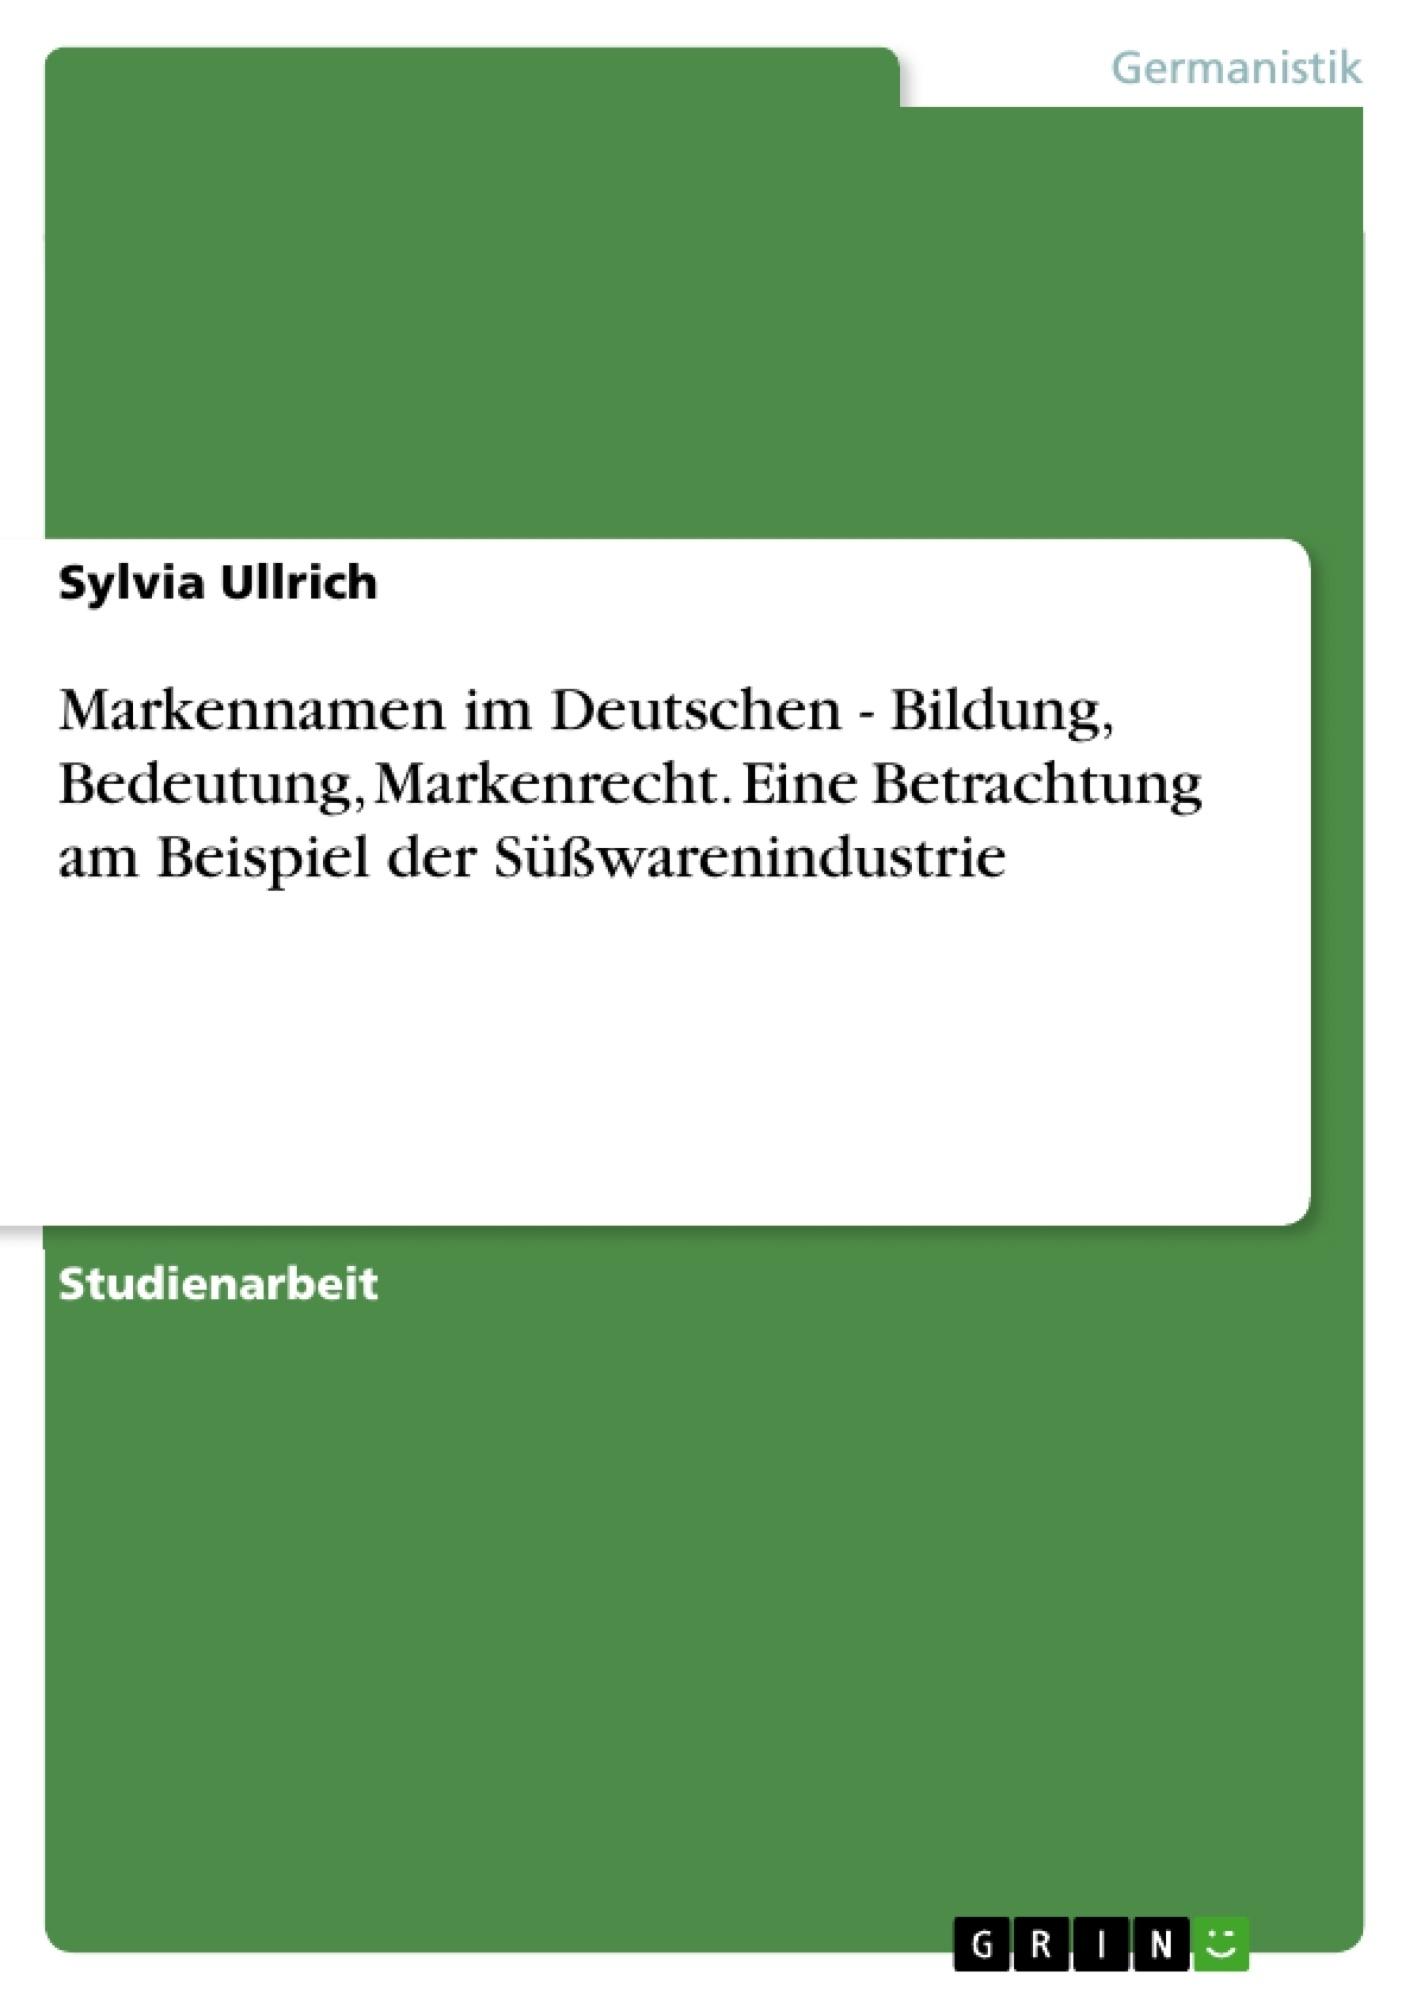 Titel: Markennamen im Deutschen - Bildung, Bedeutung, Markenrecht. Eine Betrachtung am Beispiel der Süßwarenindustrie